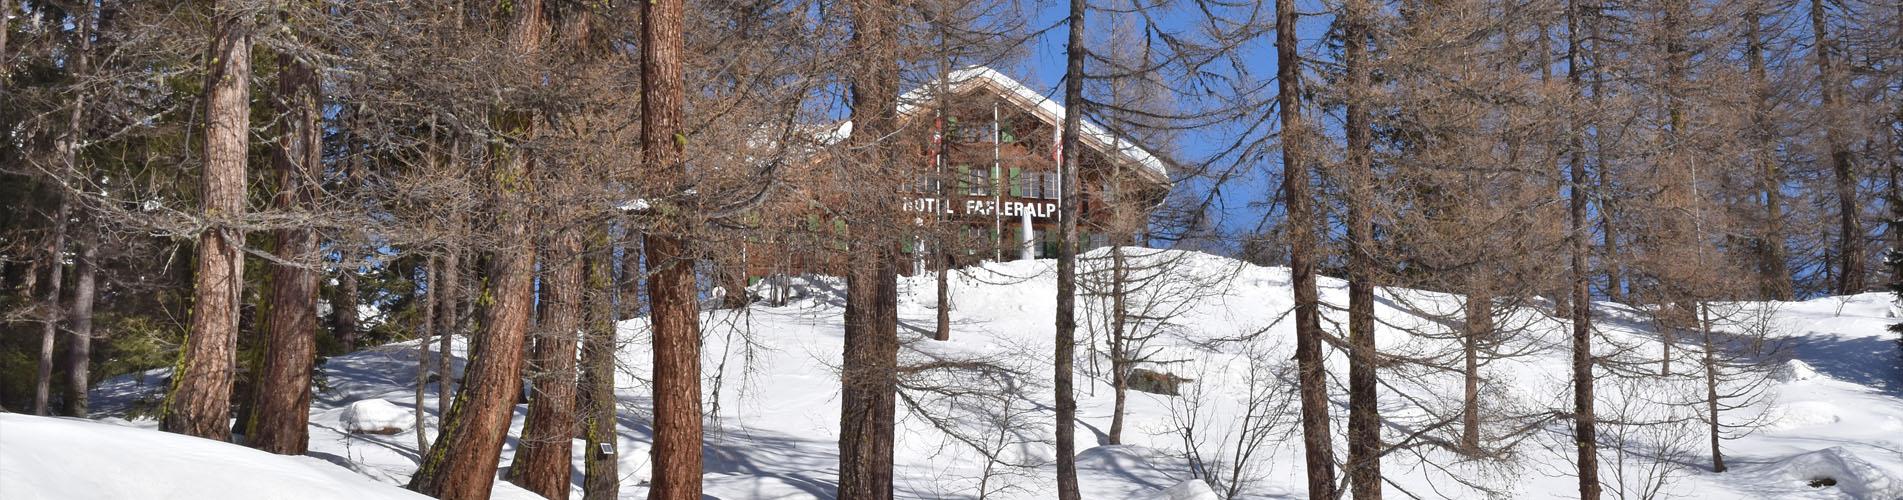 Hüttentouren im Winter – Winterwanderungen und Schneeschuhtouren zu Hütten